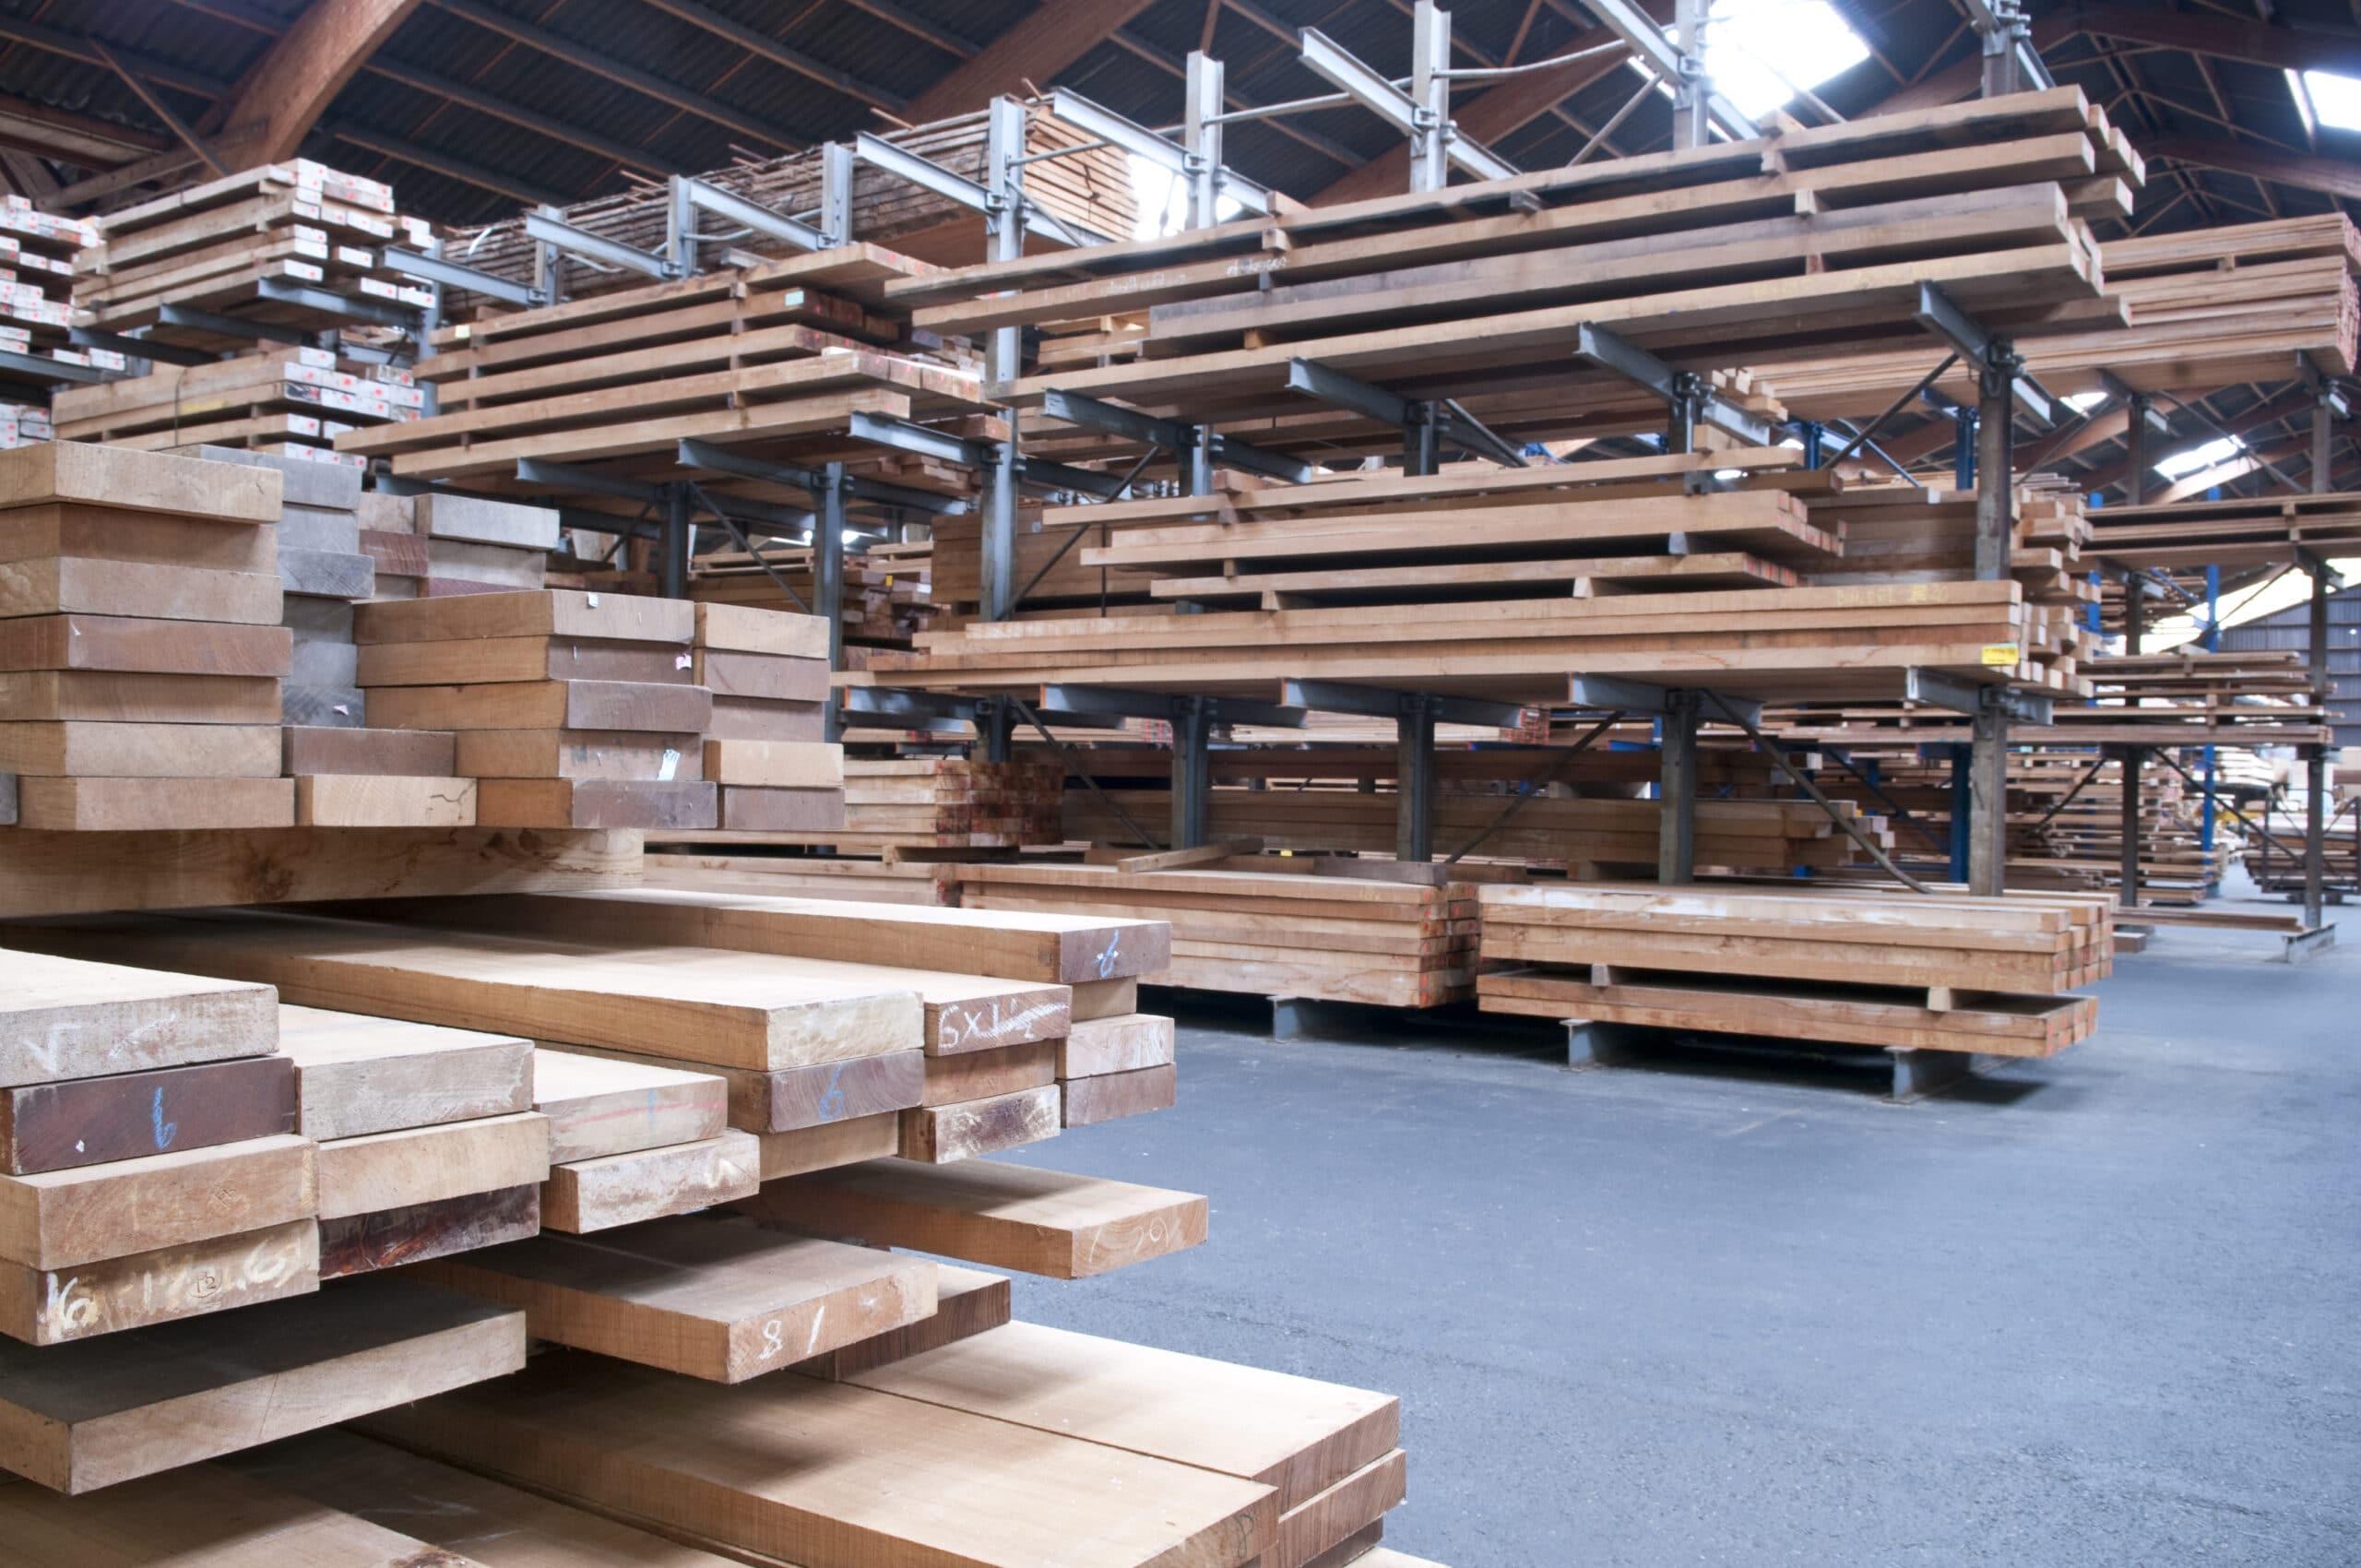 Bei Wohnungssanierung wird häufig auch Holz verwendet